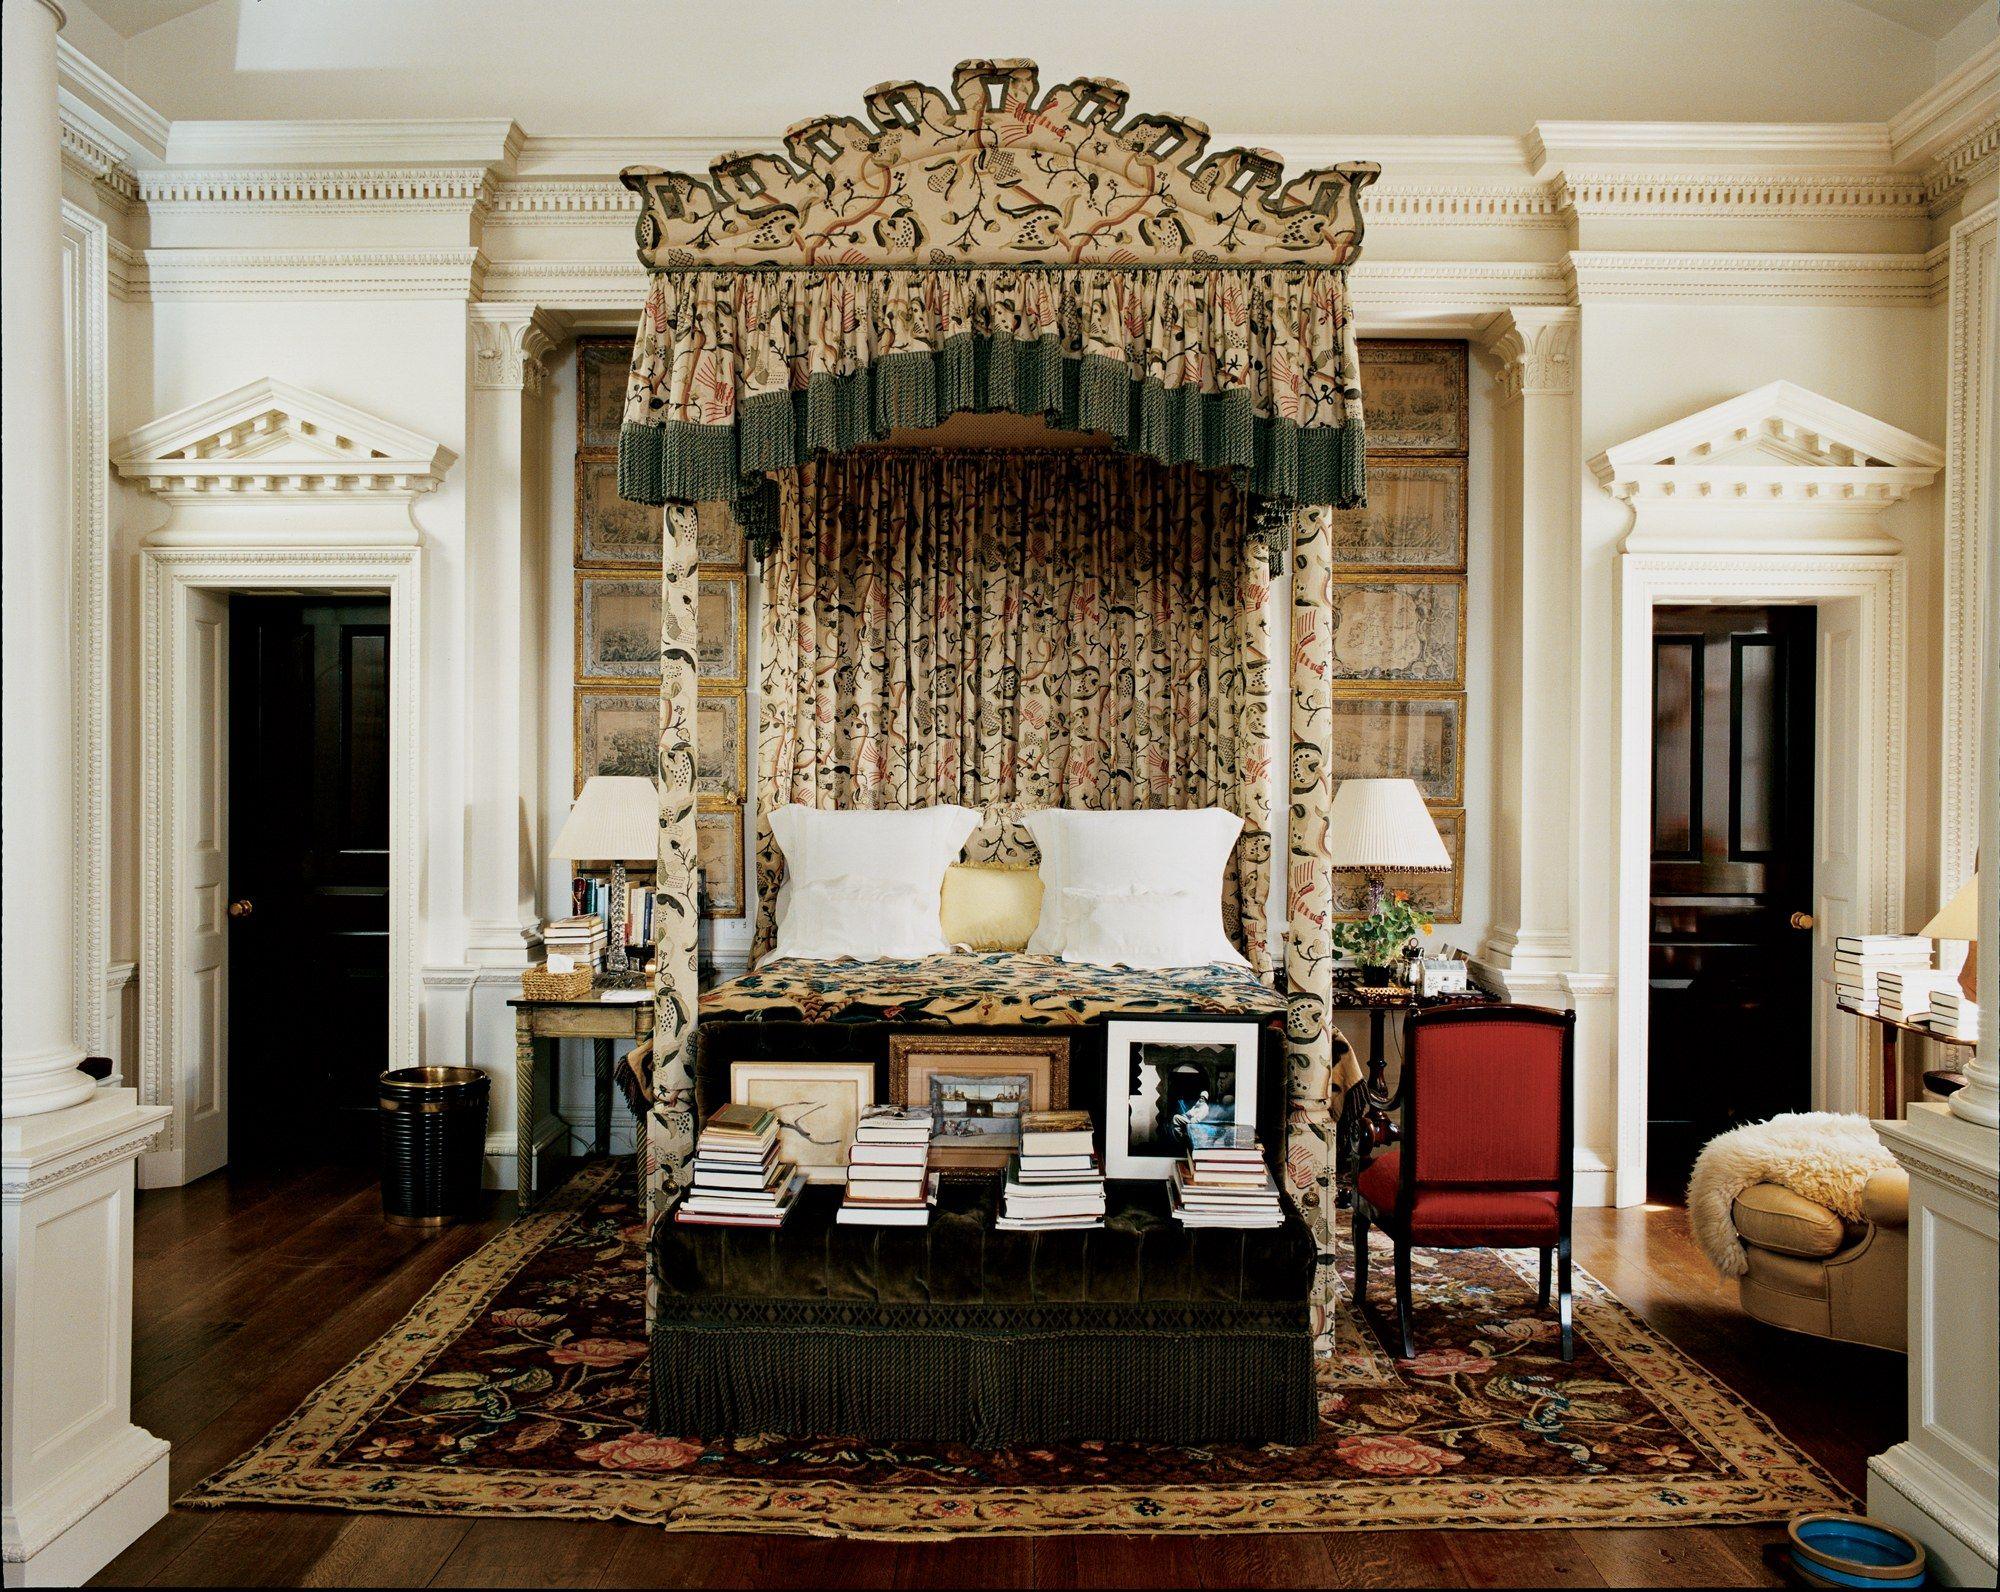 A Look Inside Oscar De La Rentas Country Home